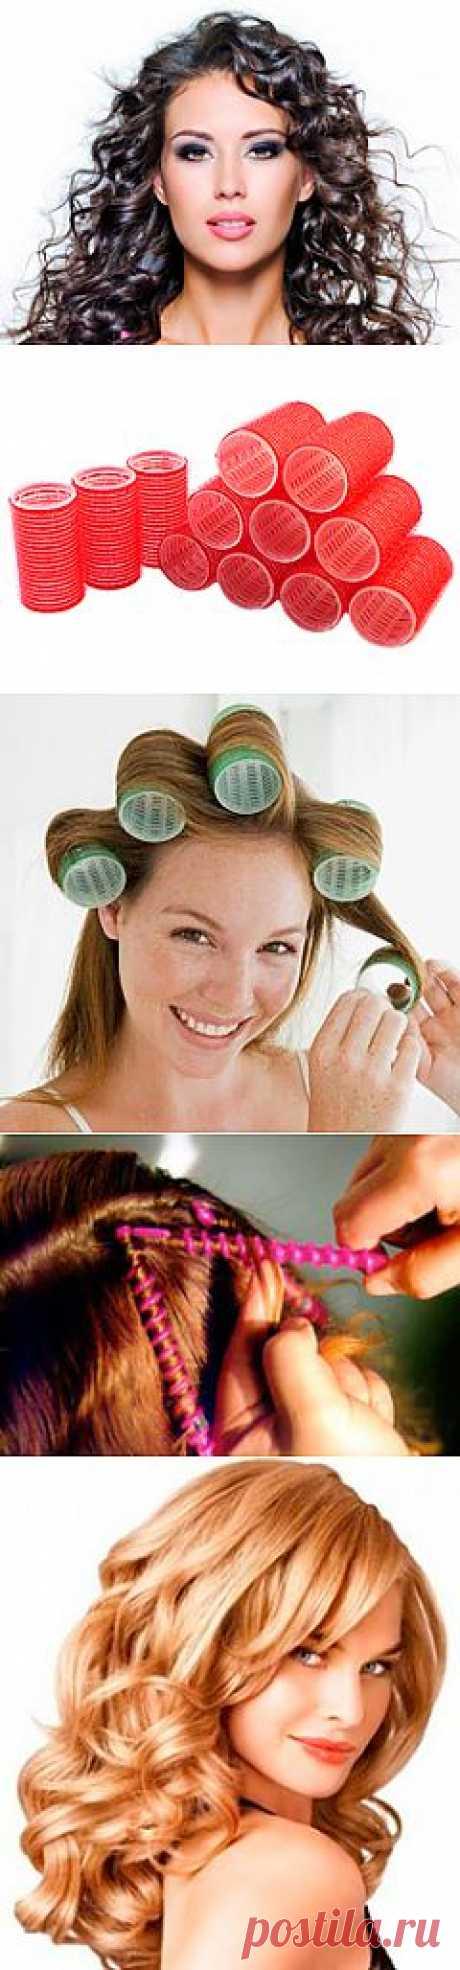 Как сделать красивые кудри | Good Ladies